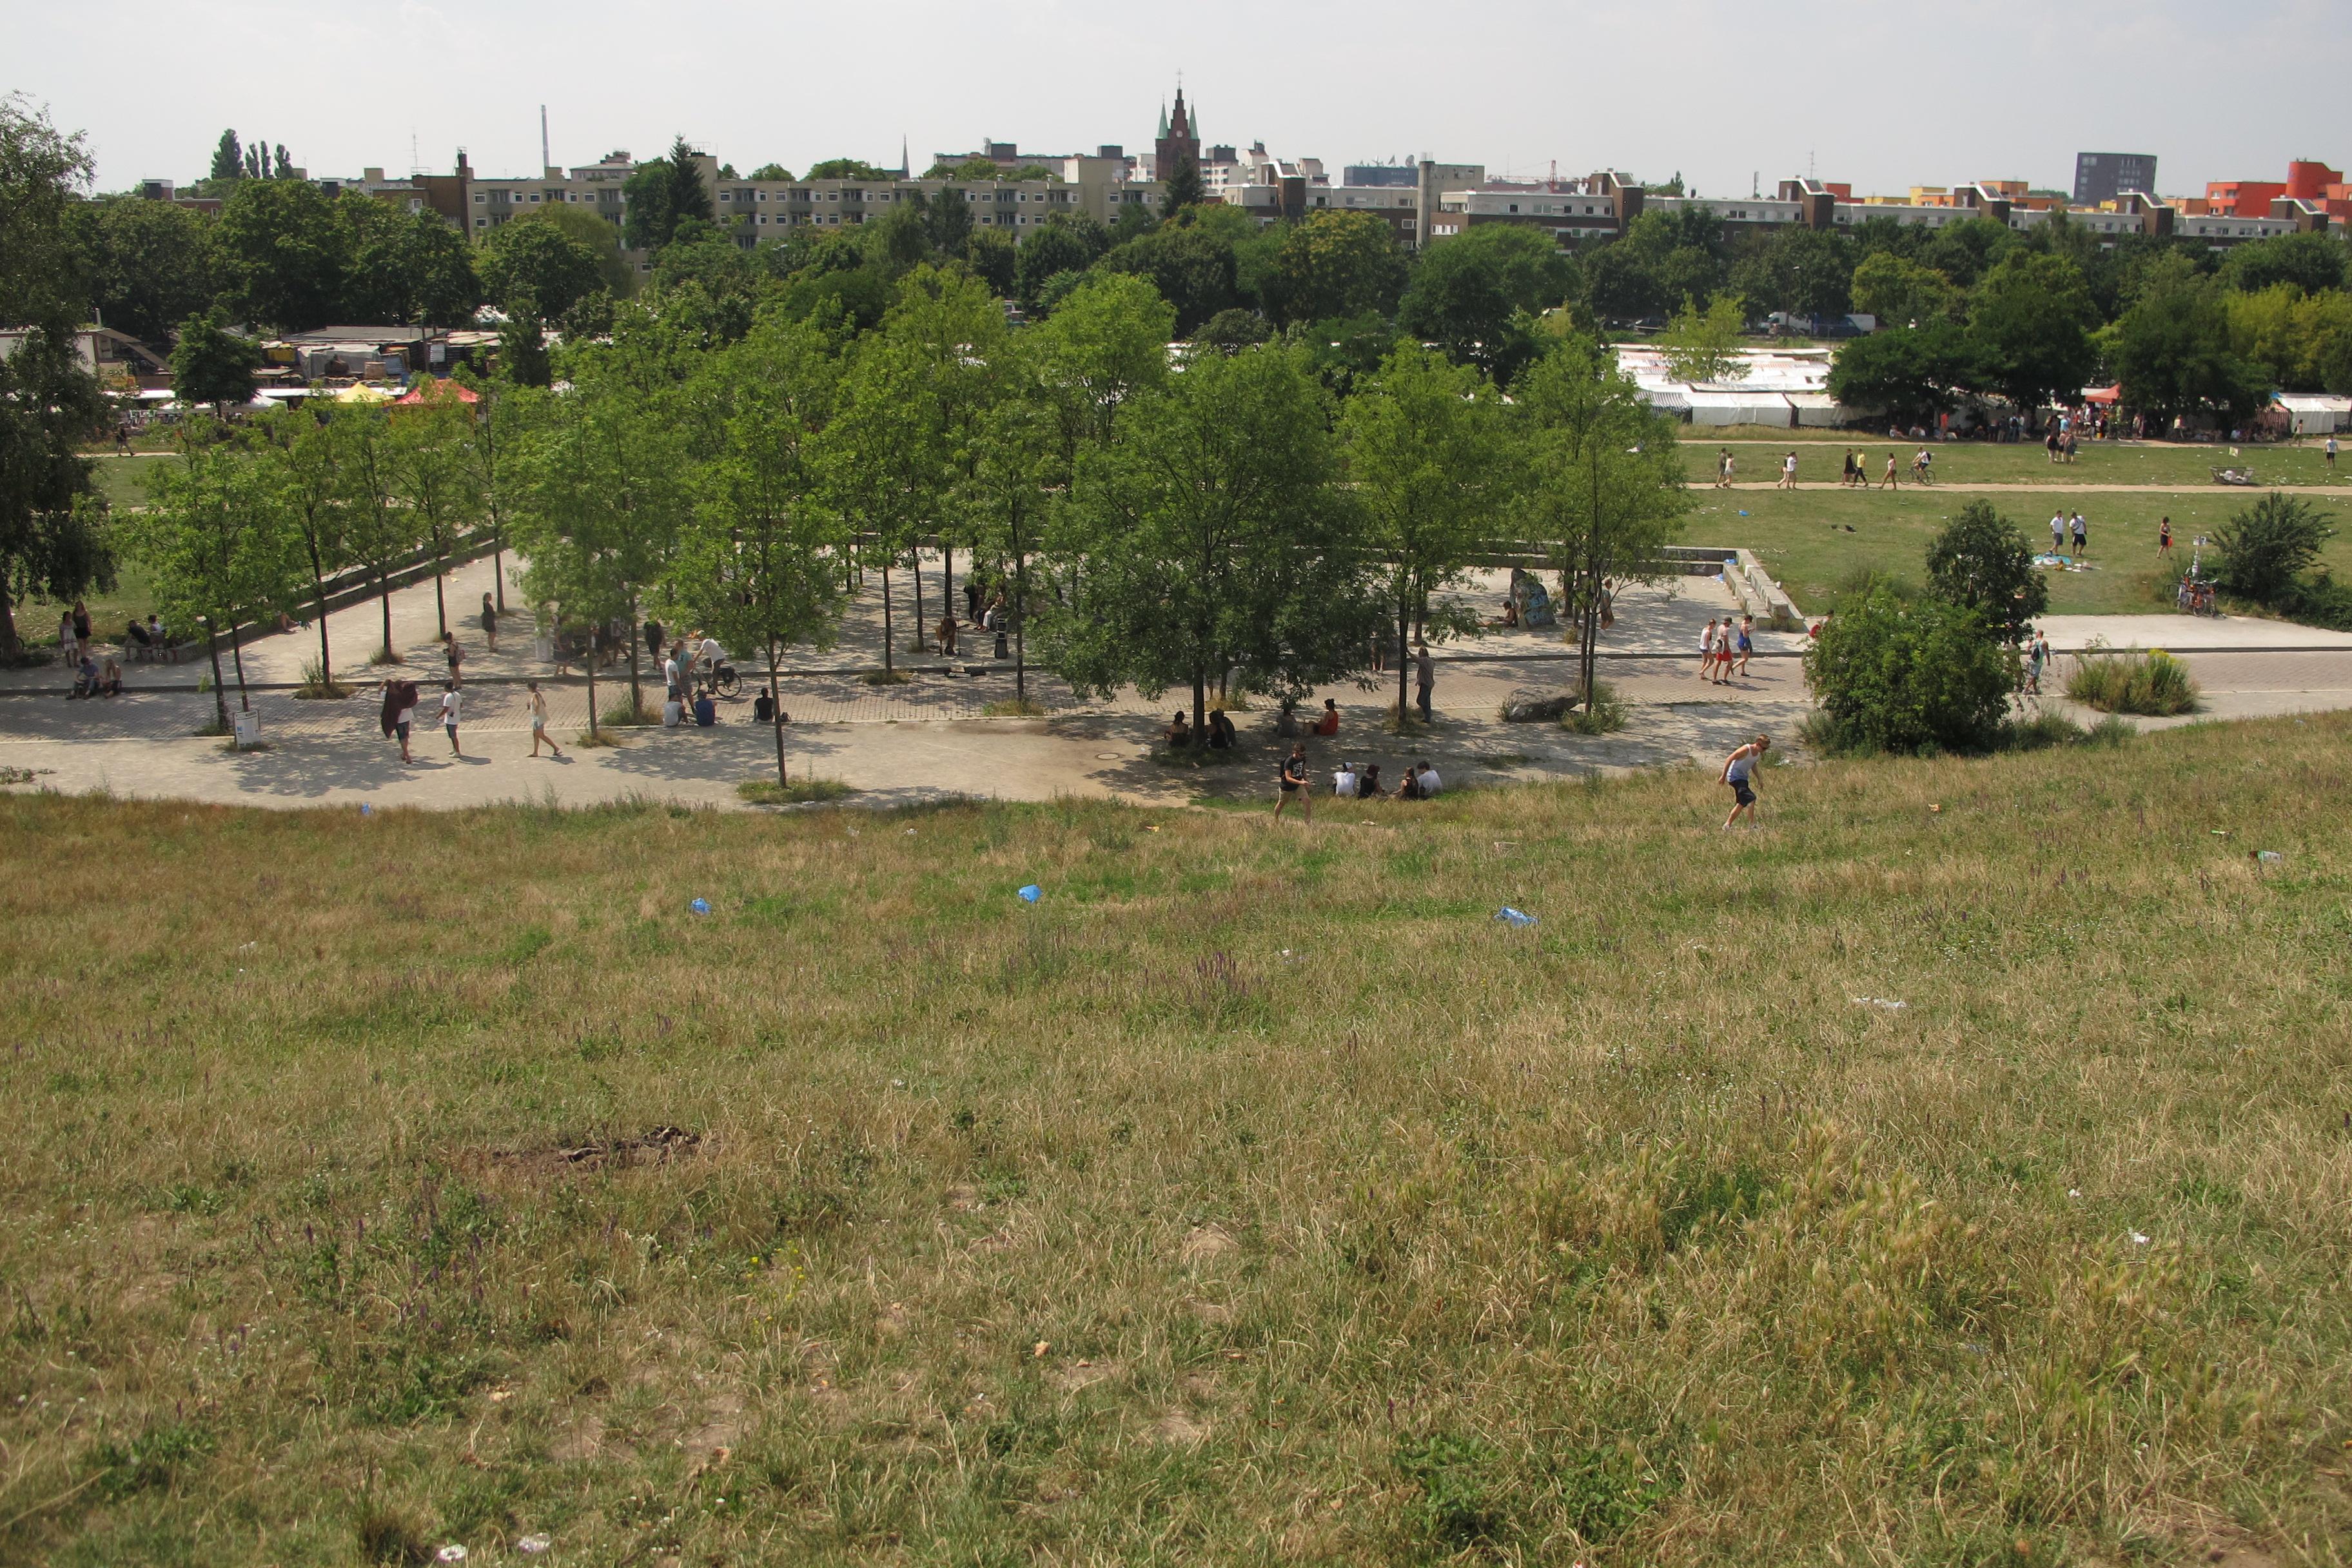 """Vista panoràmica, al fons Flohmarkt am Mauerpark (el mescadet o encants el diumenge, """"mercat de puces""""  al Mauerpark)"""